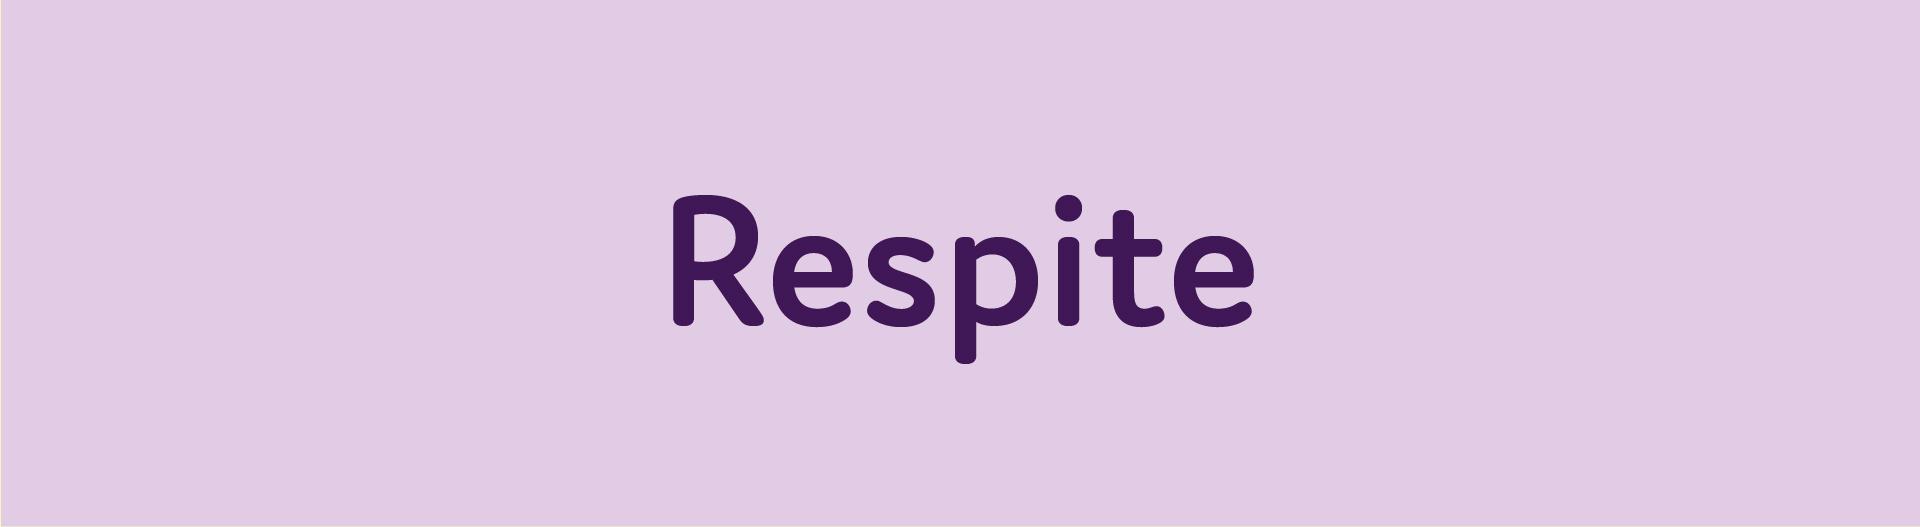 Respite-01